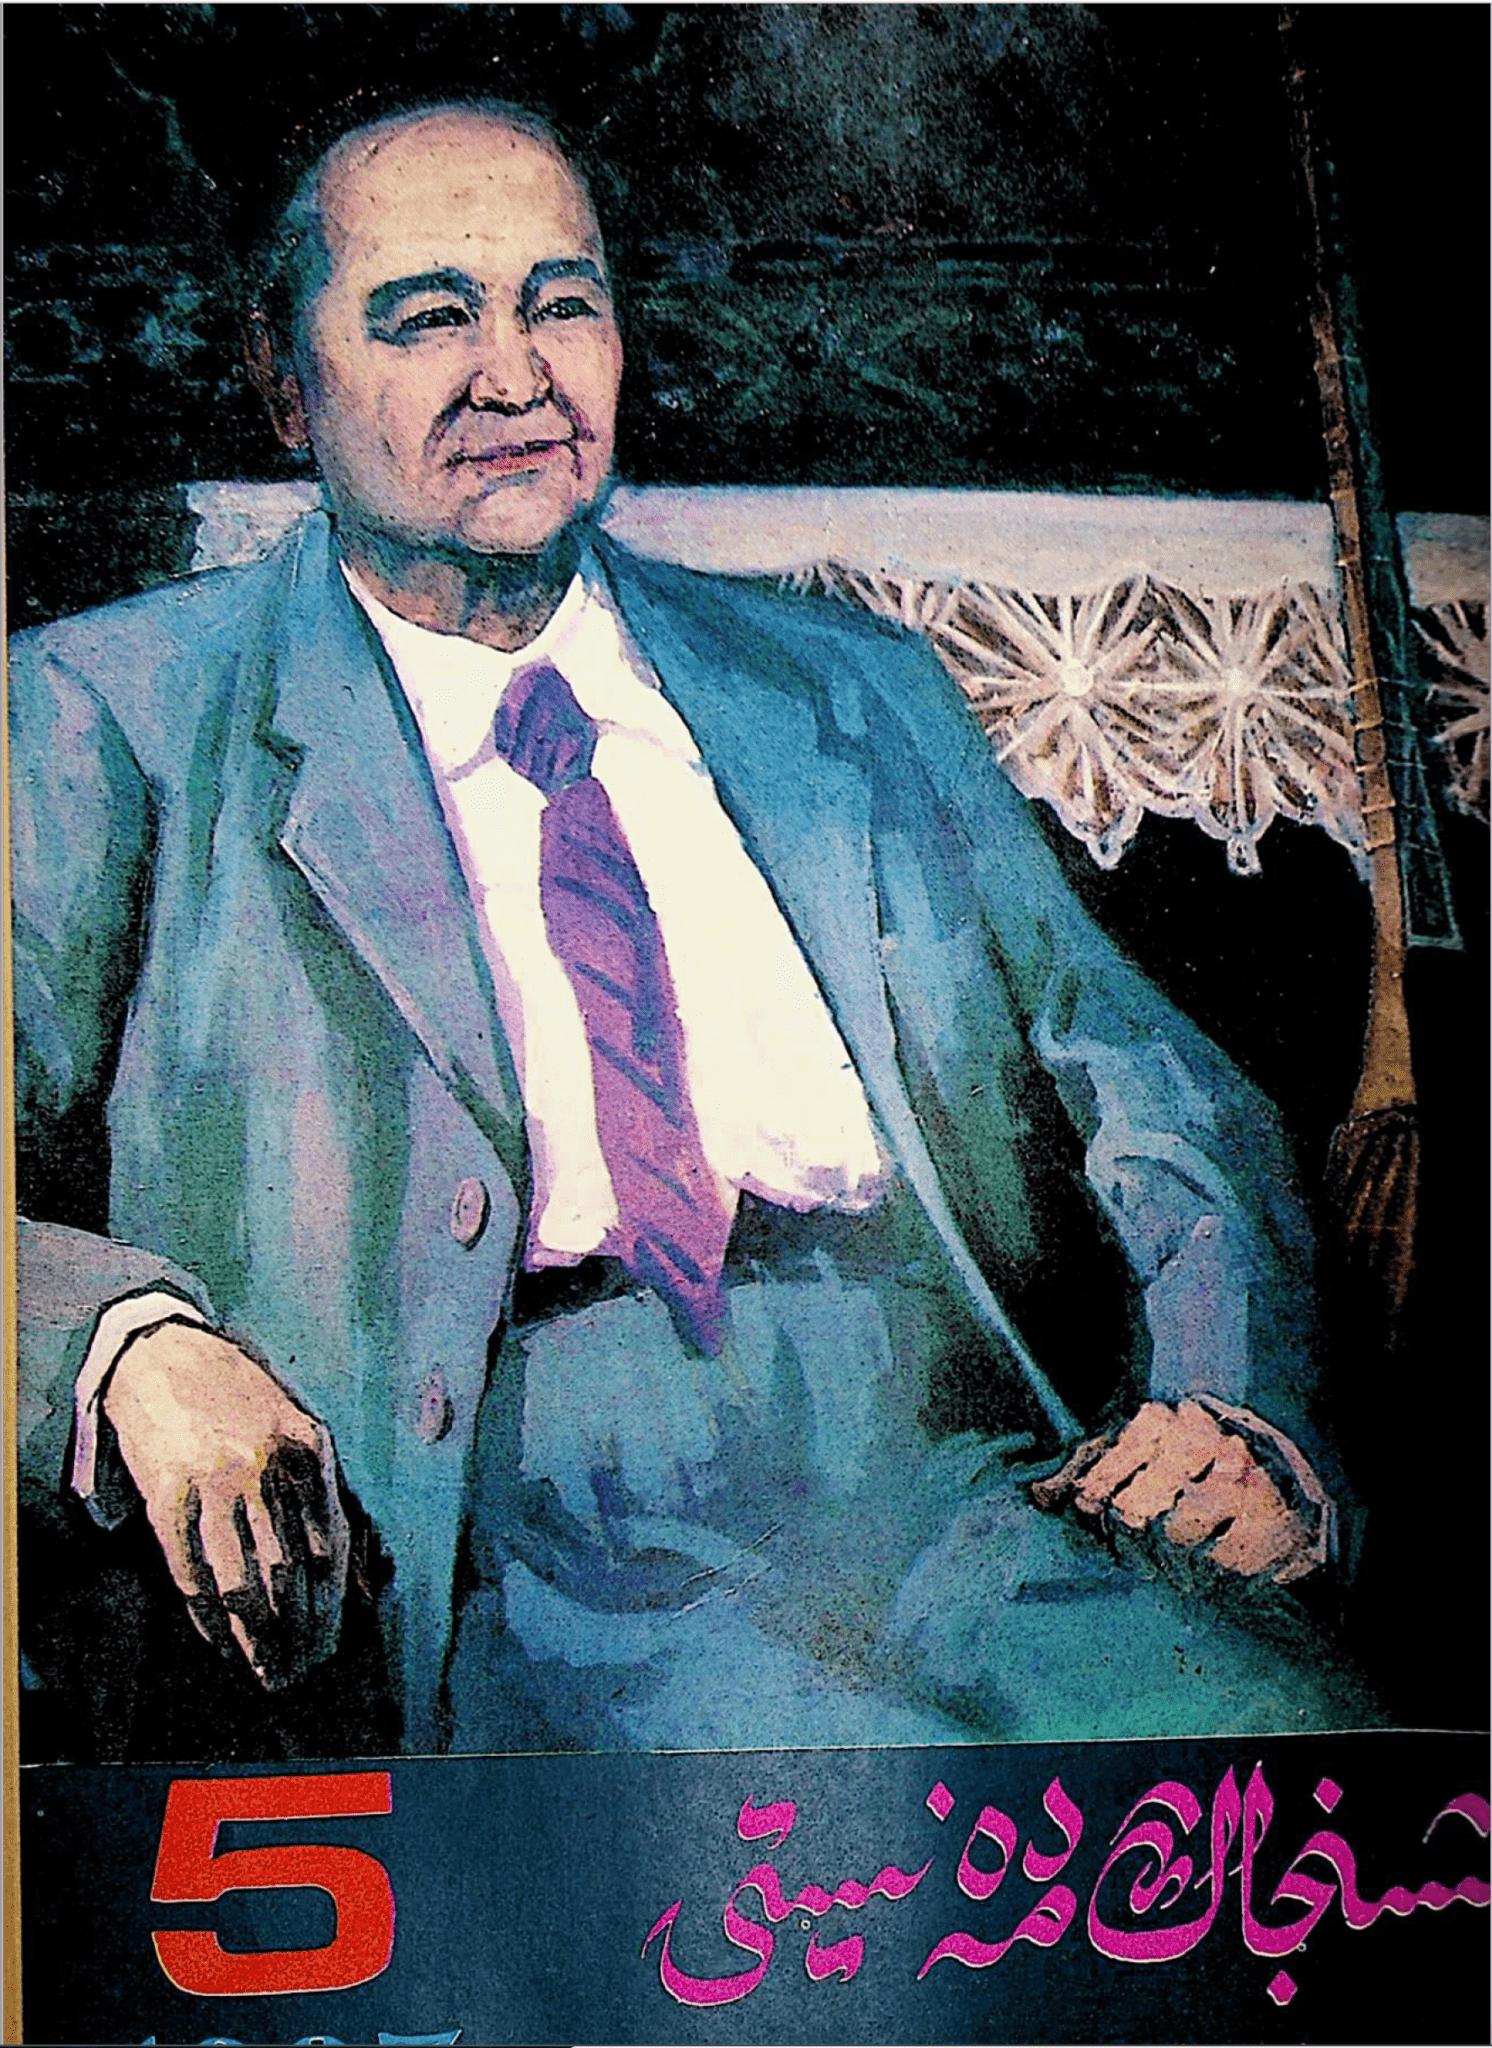 شىنجاڭ مەدەنىيىتى 1987-يىلى 5-سان, ئېلكىتاب تورى